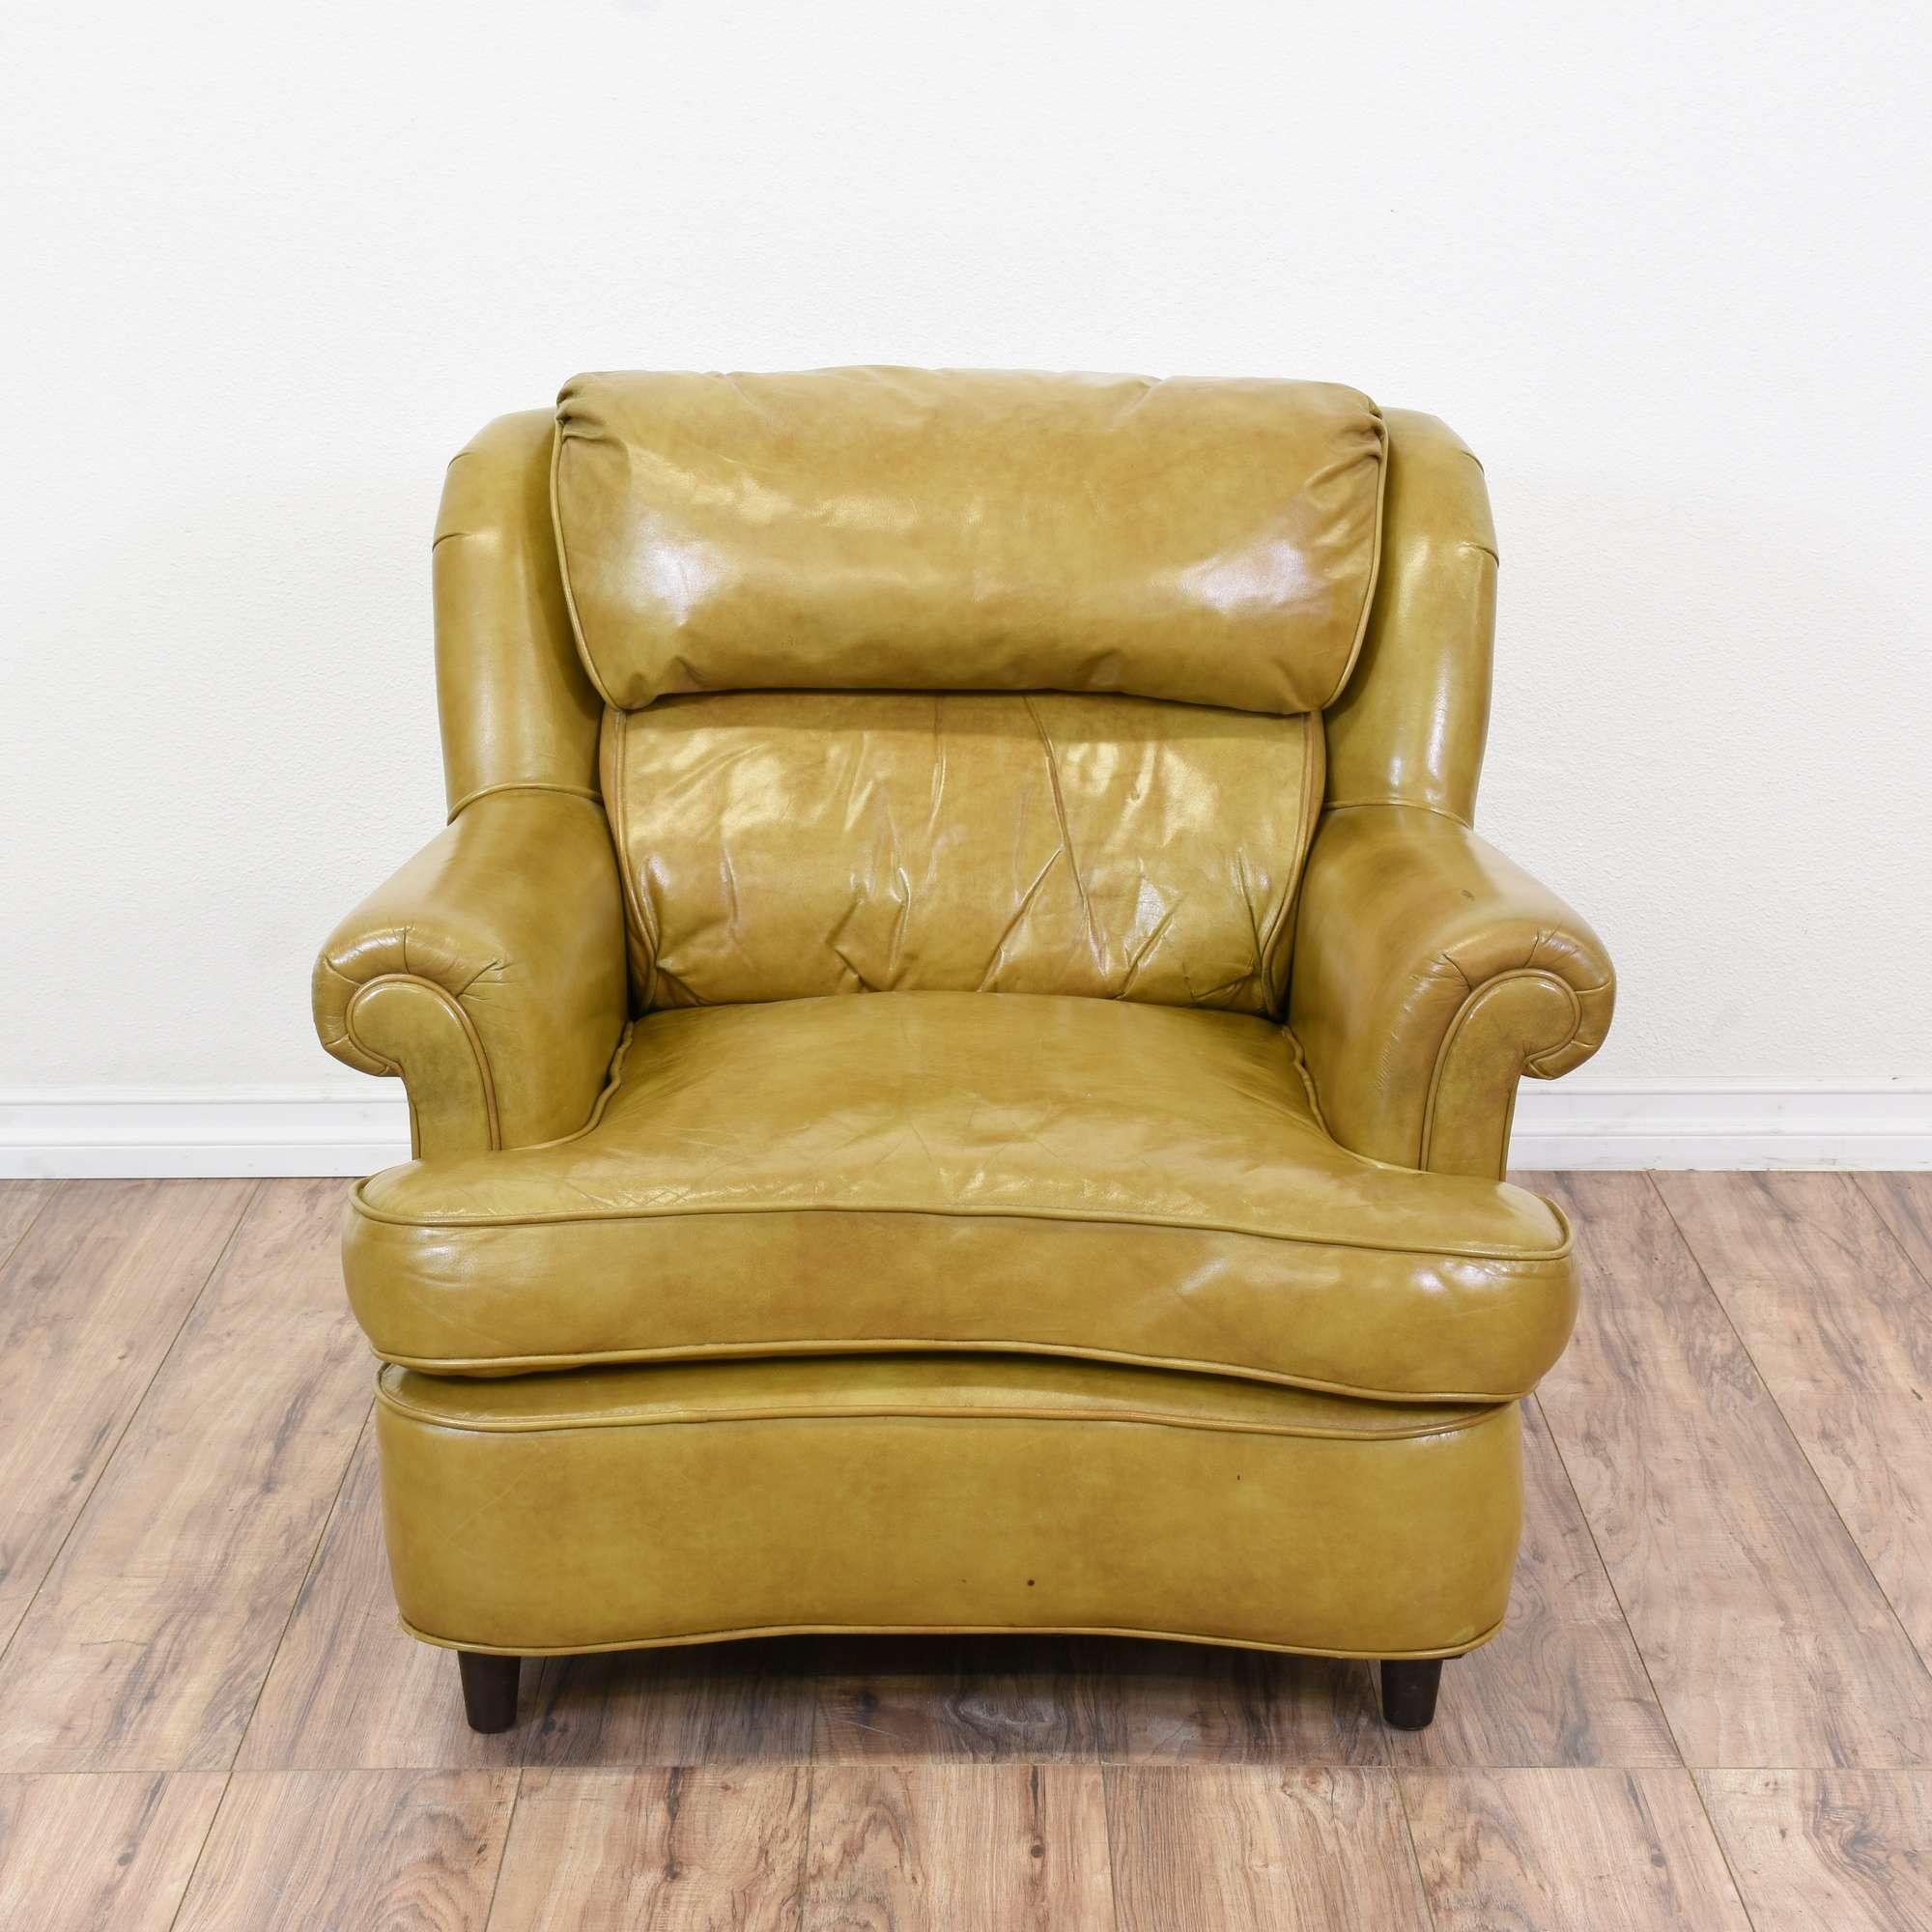 Cool Schafer Bros Retro Leather Armchair Machost Co Dining Chair Design Ideas Machostcouk